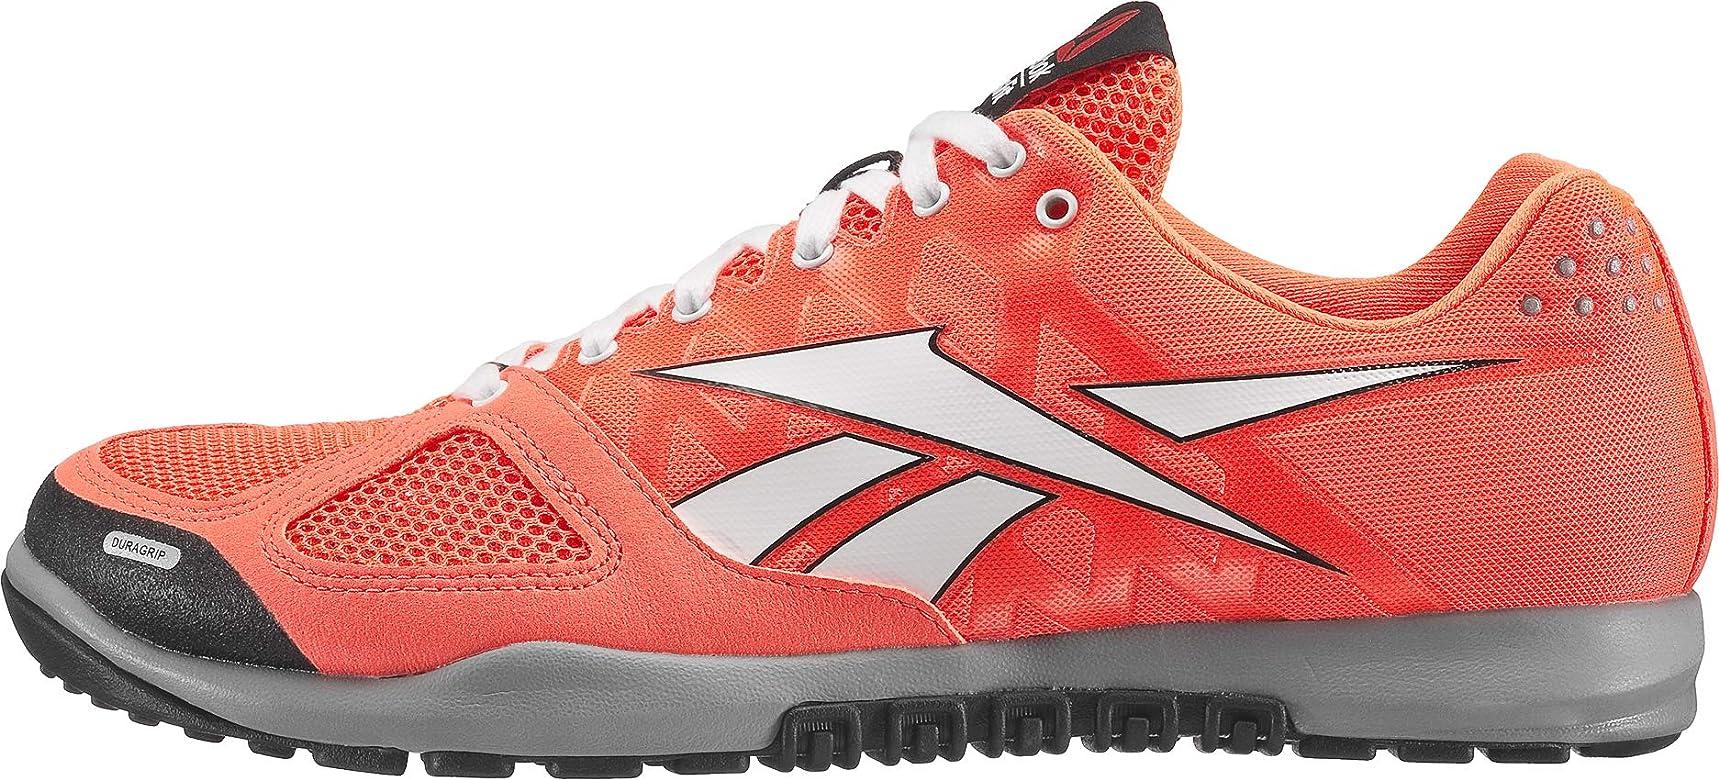 Reebok Crossfit Nano 2.0 Mens Training Shoes - Orange-10.5: Amazon.es: Zapatos y complementos